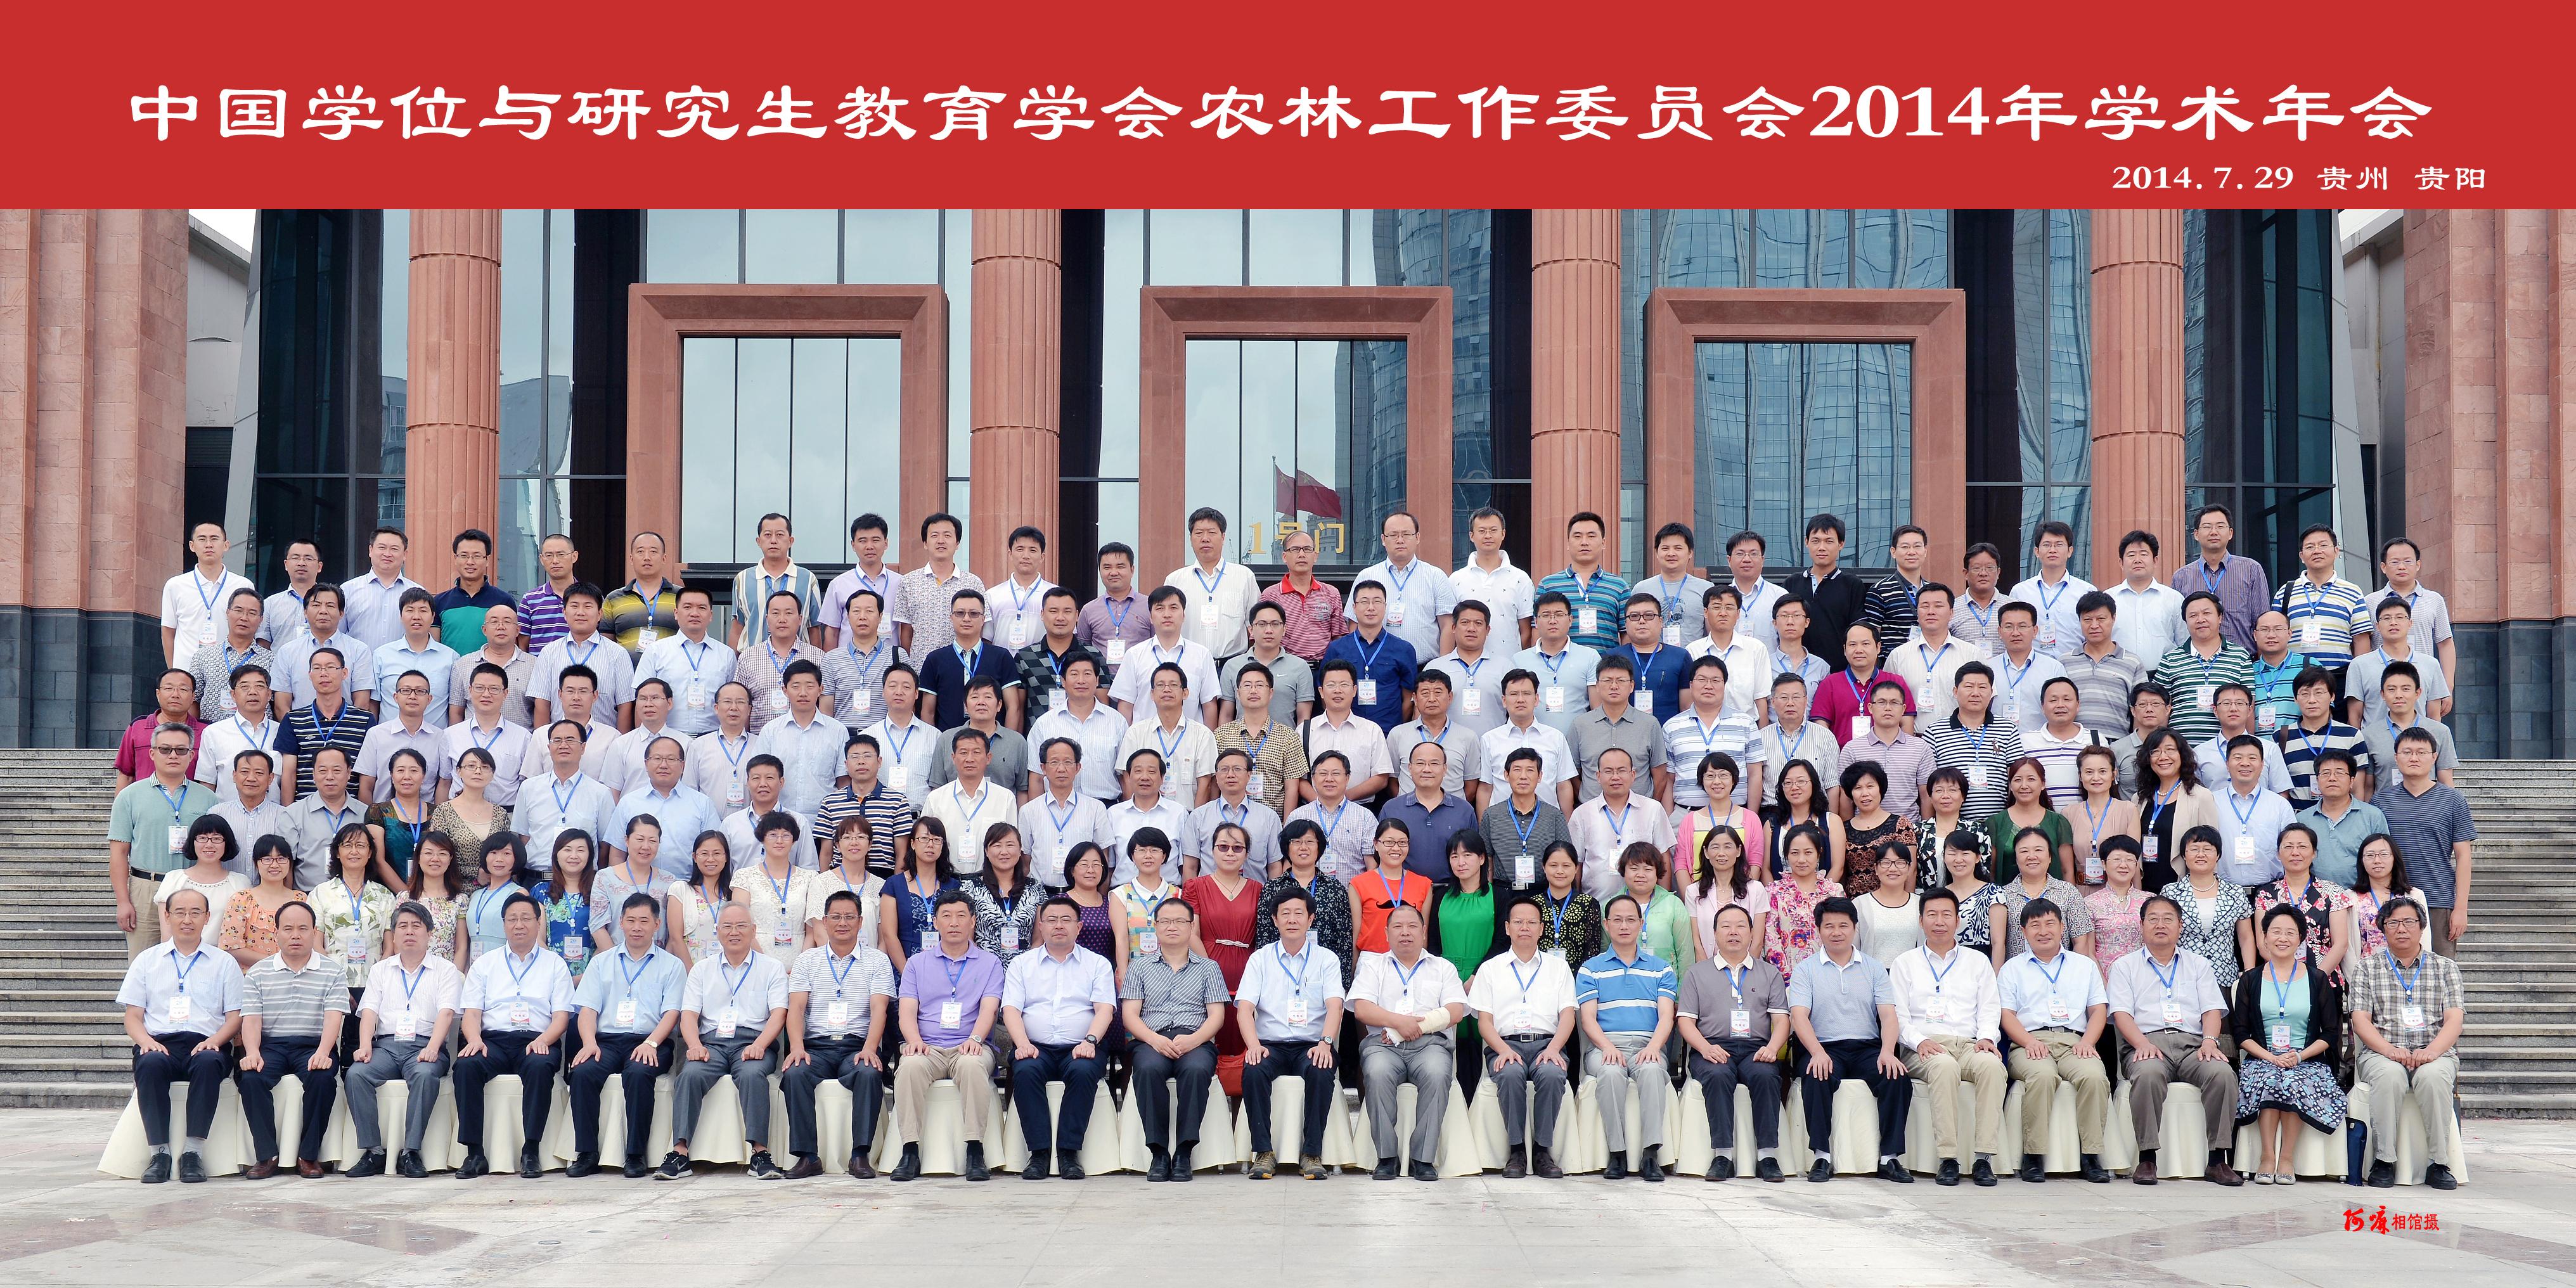 感谢贵州大学研究生院为本次会议顺利召开付出的辛勤